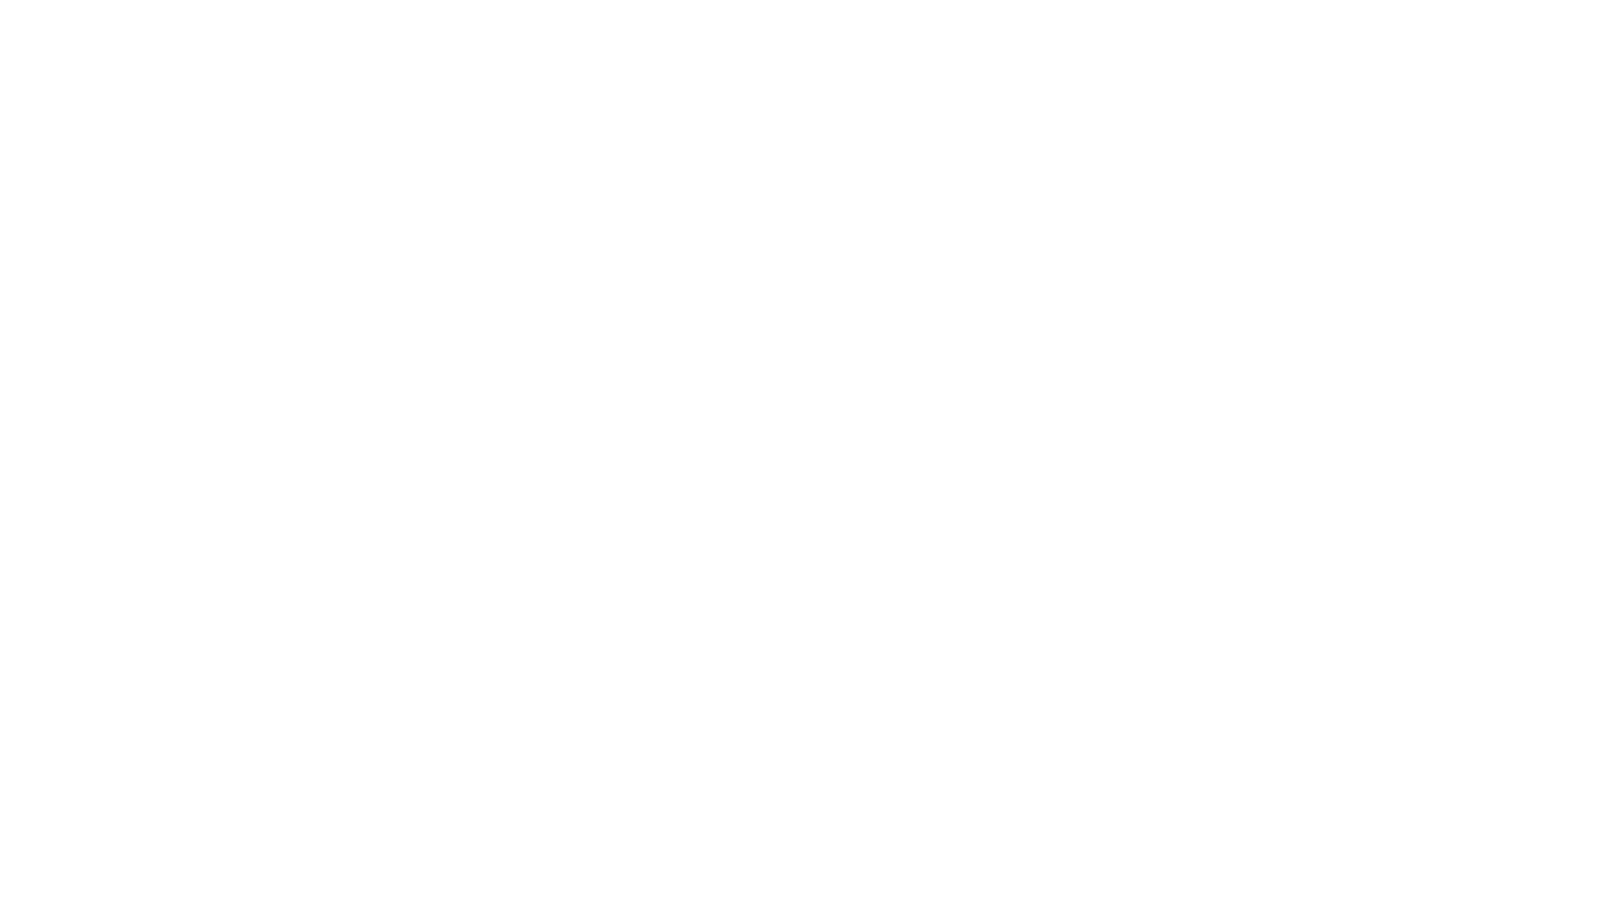 """Теодосий Спасов и Хилда Казасян в """"ДА ПОСЛУШАМЕ КИНО""""  Хилда Казасян - вокал, идея Теодосий Спасов -кавал Васил Петров-вокал Михаил Йосифов-тромпет Живко Петров-клавишни, аранжименти Димитър Карамфилов-контрабас Христо Йоцов-ударни, аранжименти  Павел Болярски-звуков дизайн Васил Къркеланов-видео дизайн Анна Кемилева-организация  Sofia Sumer Fest 2021, 20 септември"""